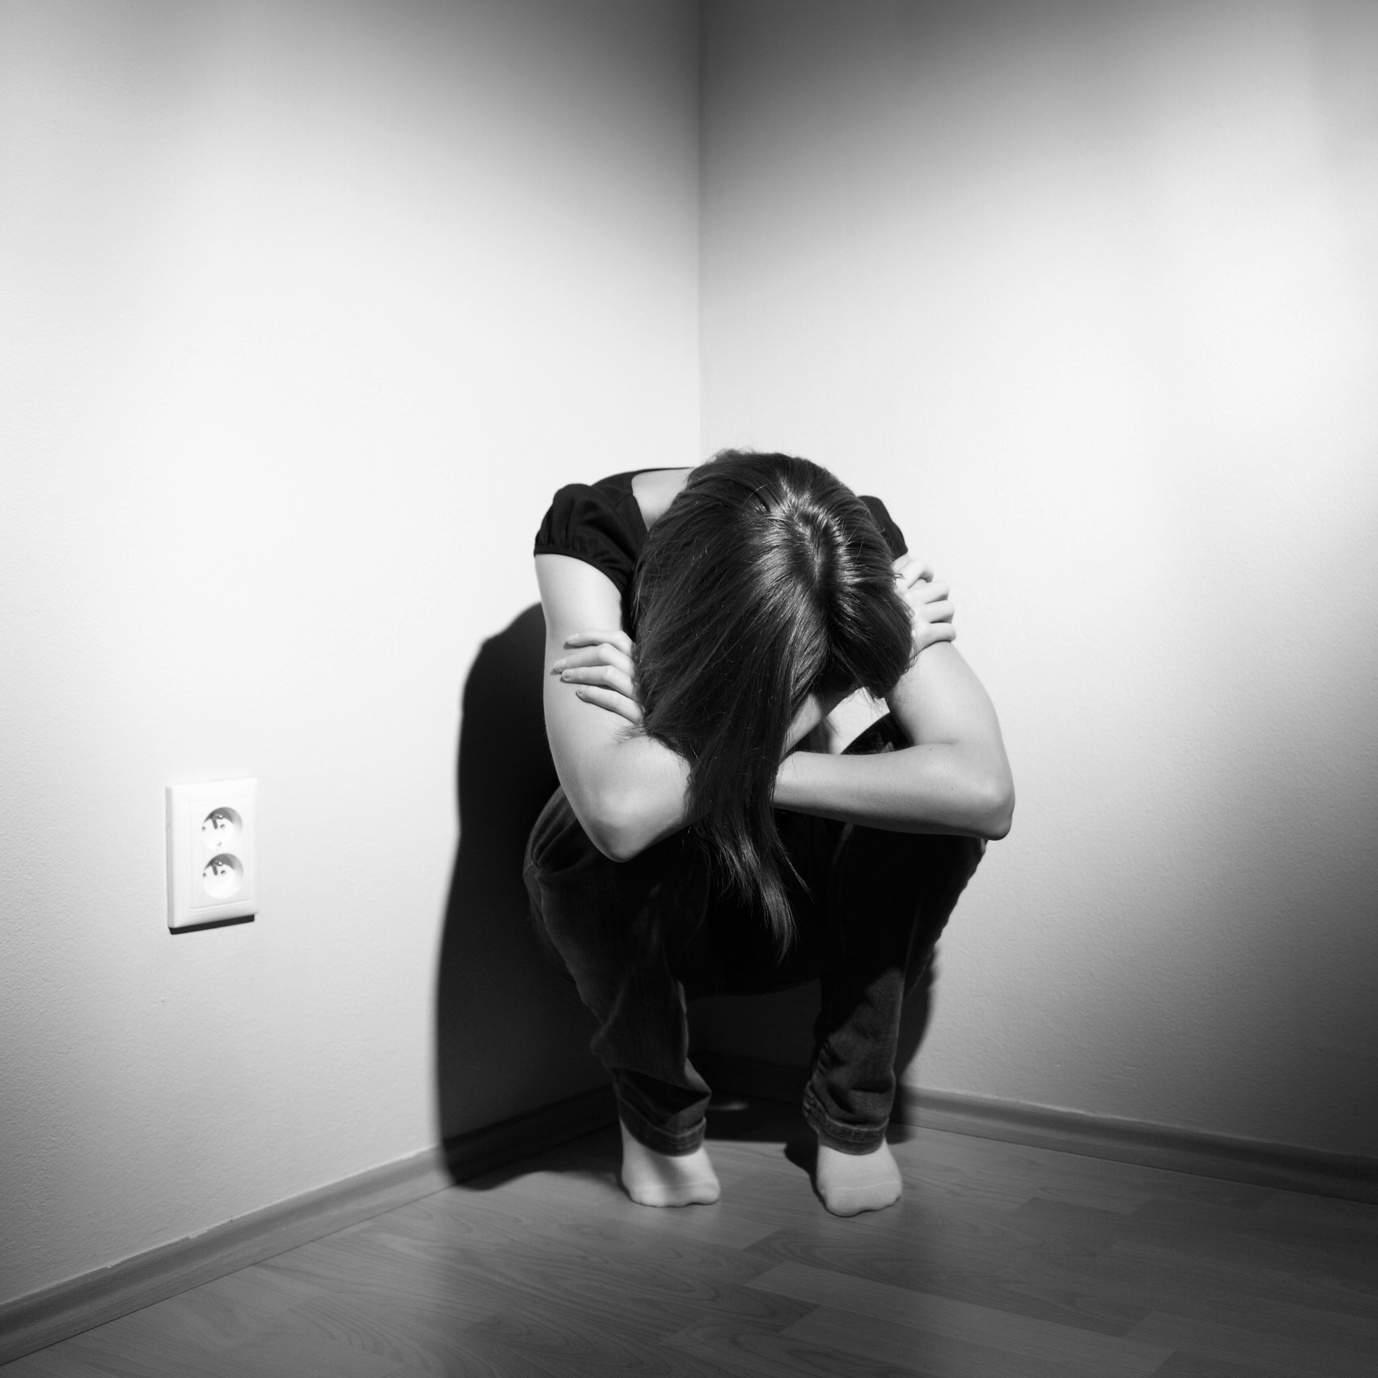 που βγαίνει με μια κοπέλα που κακοποιήθηκε σωματικά.